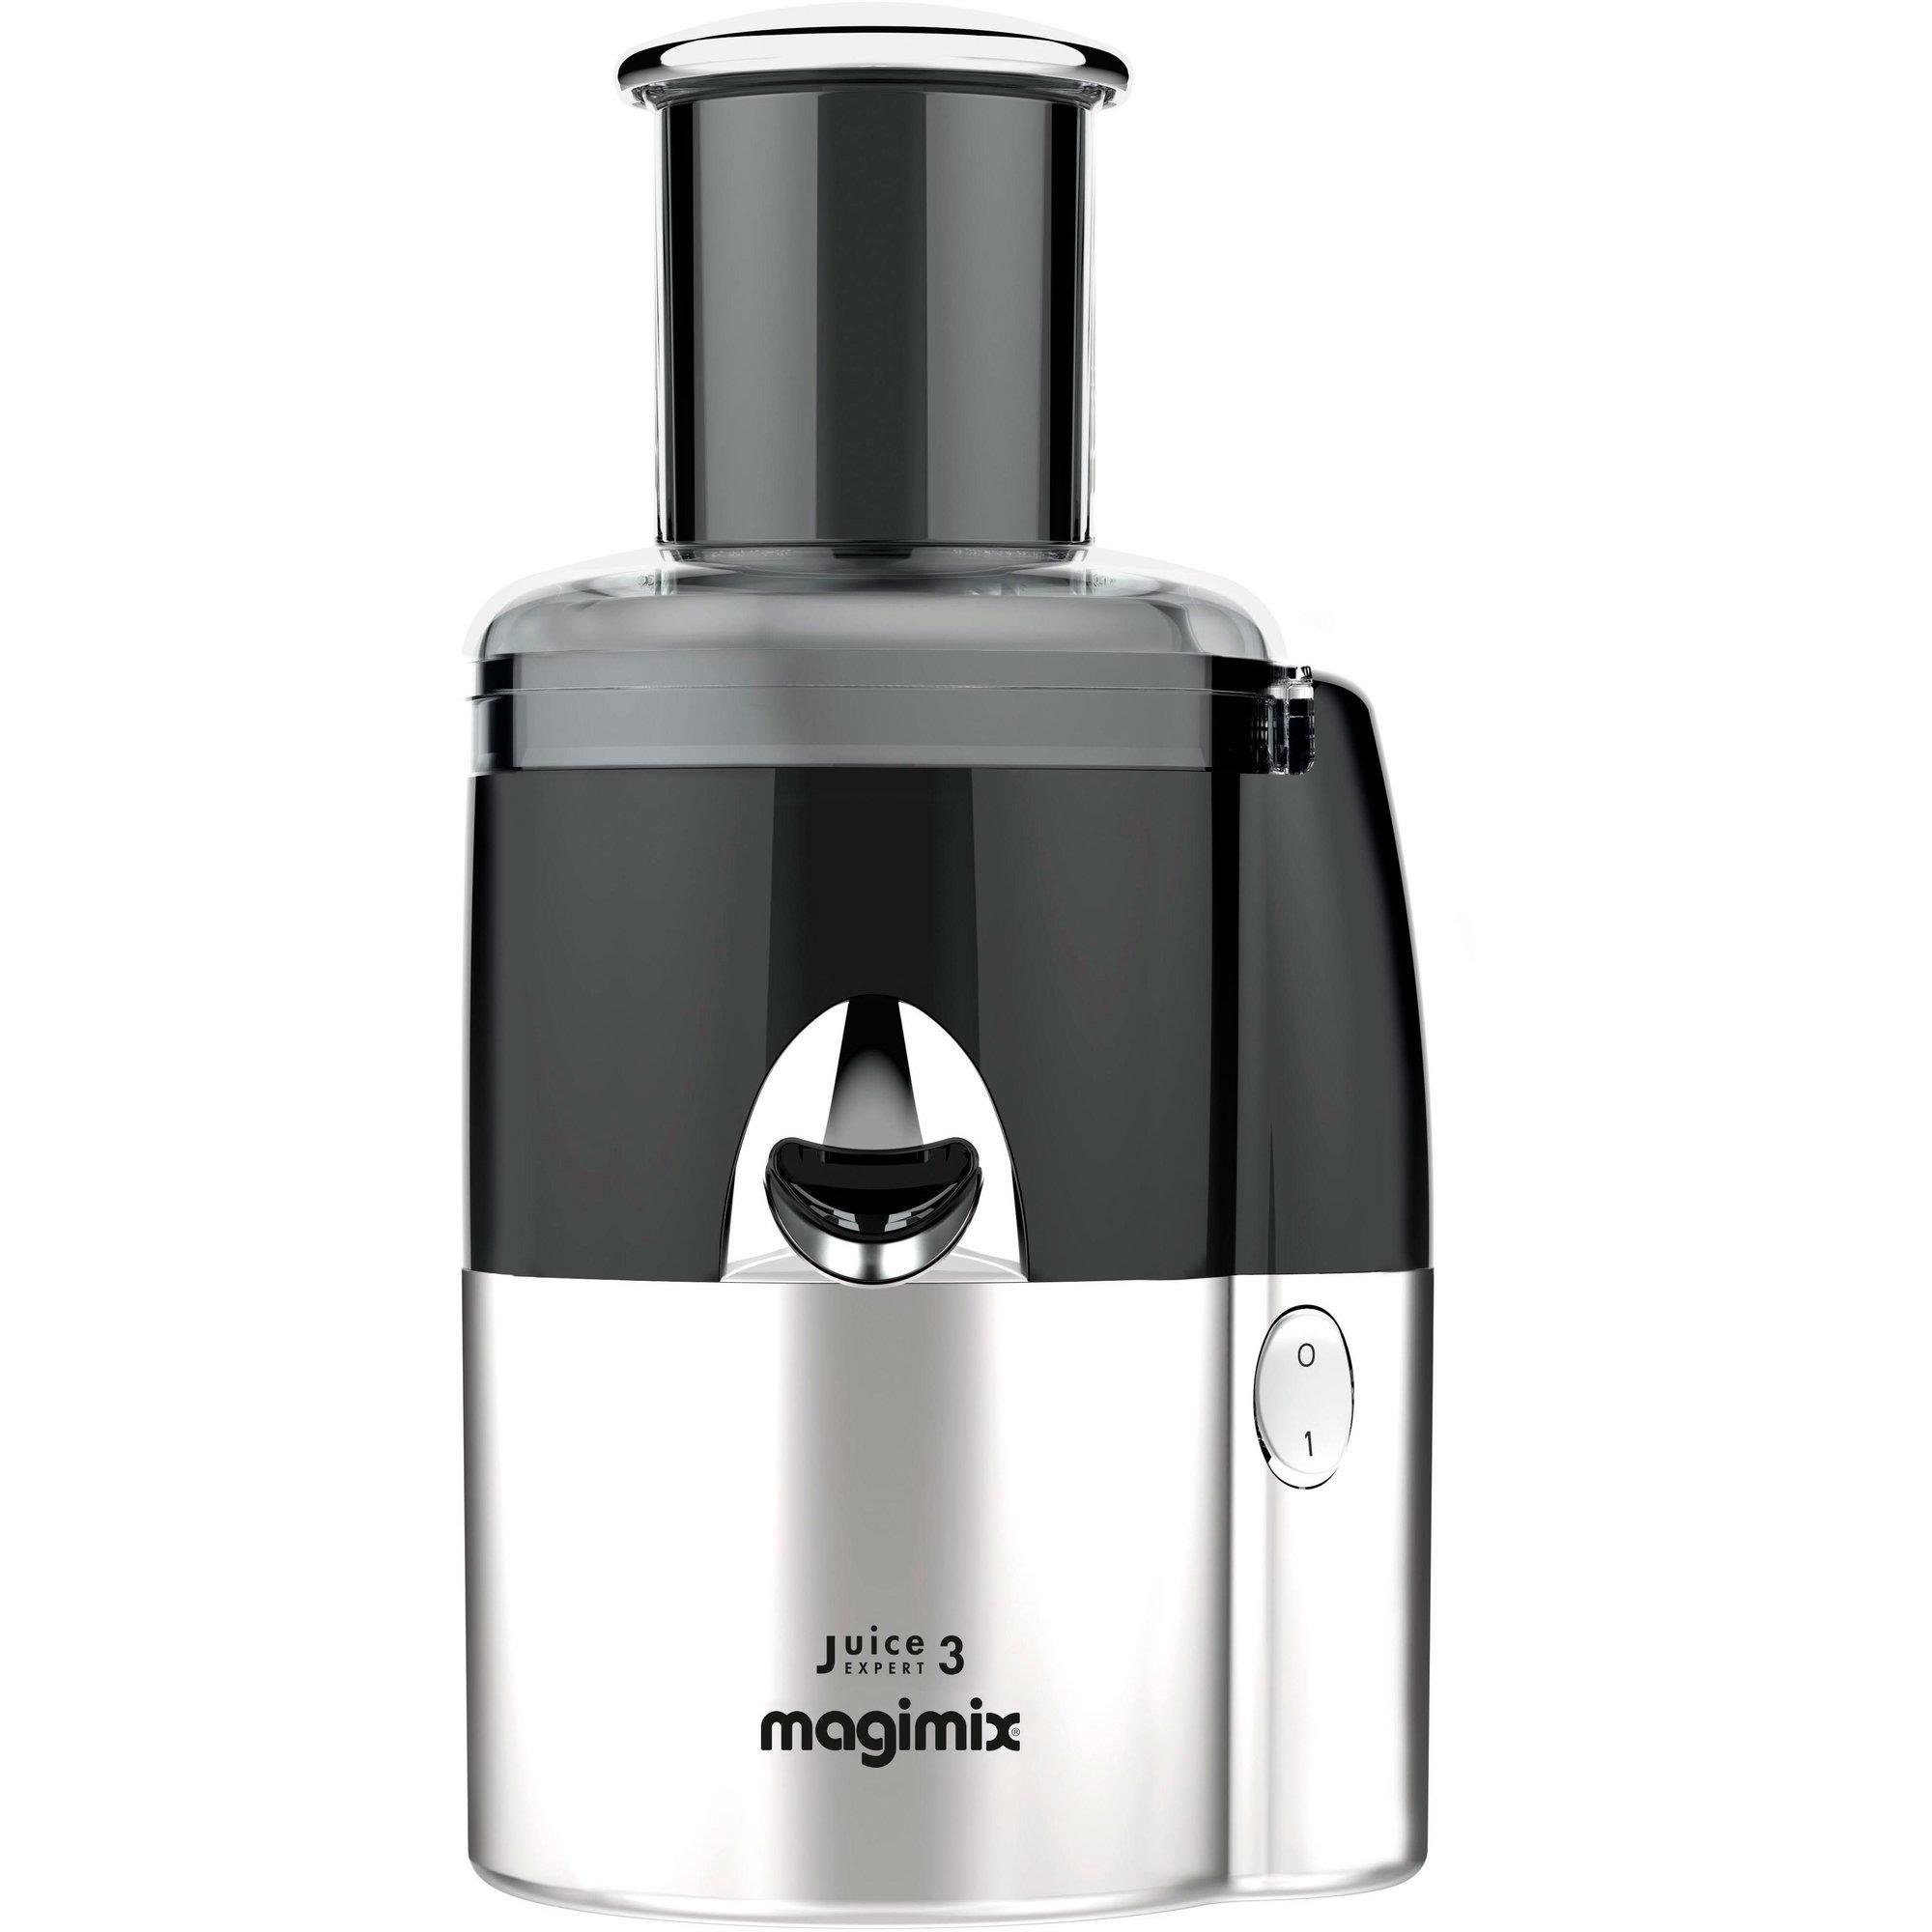 Magimix Juice Expert 3 juicer/saftpr sort/k